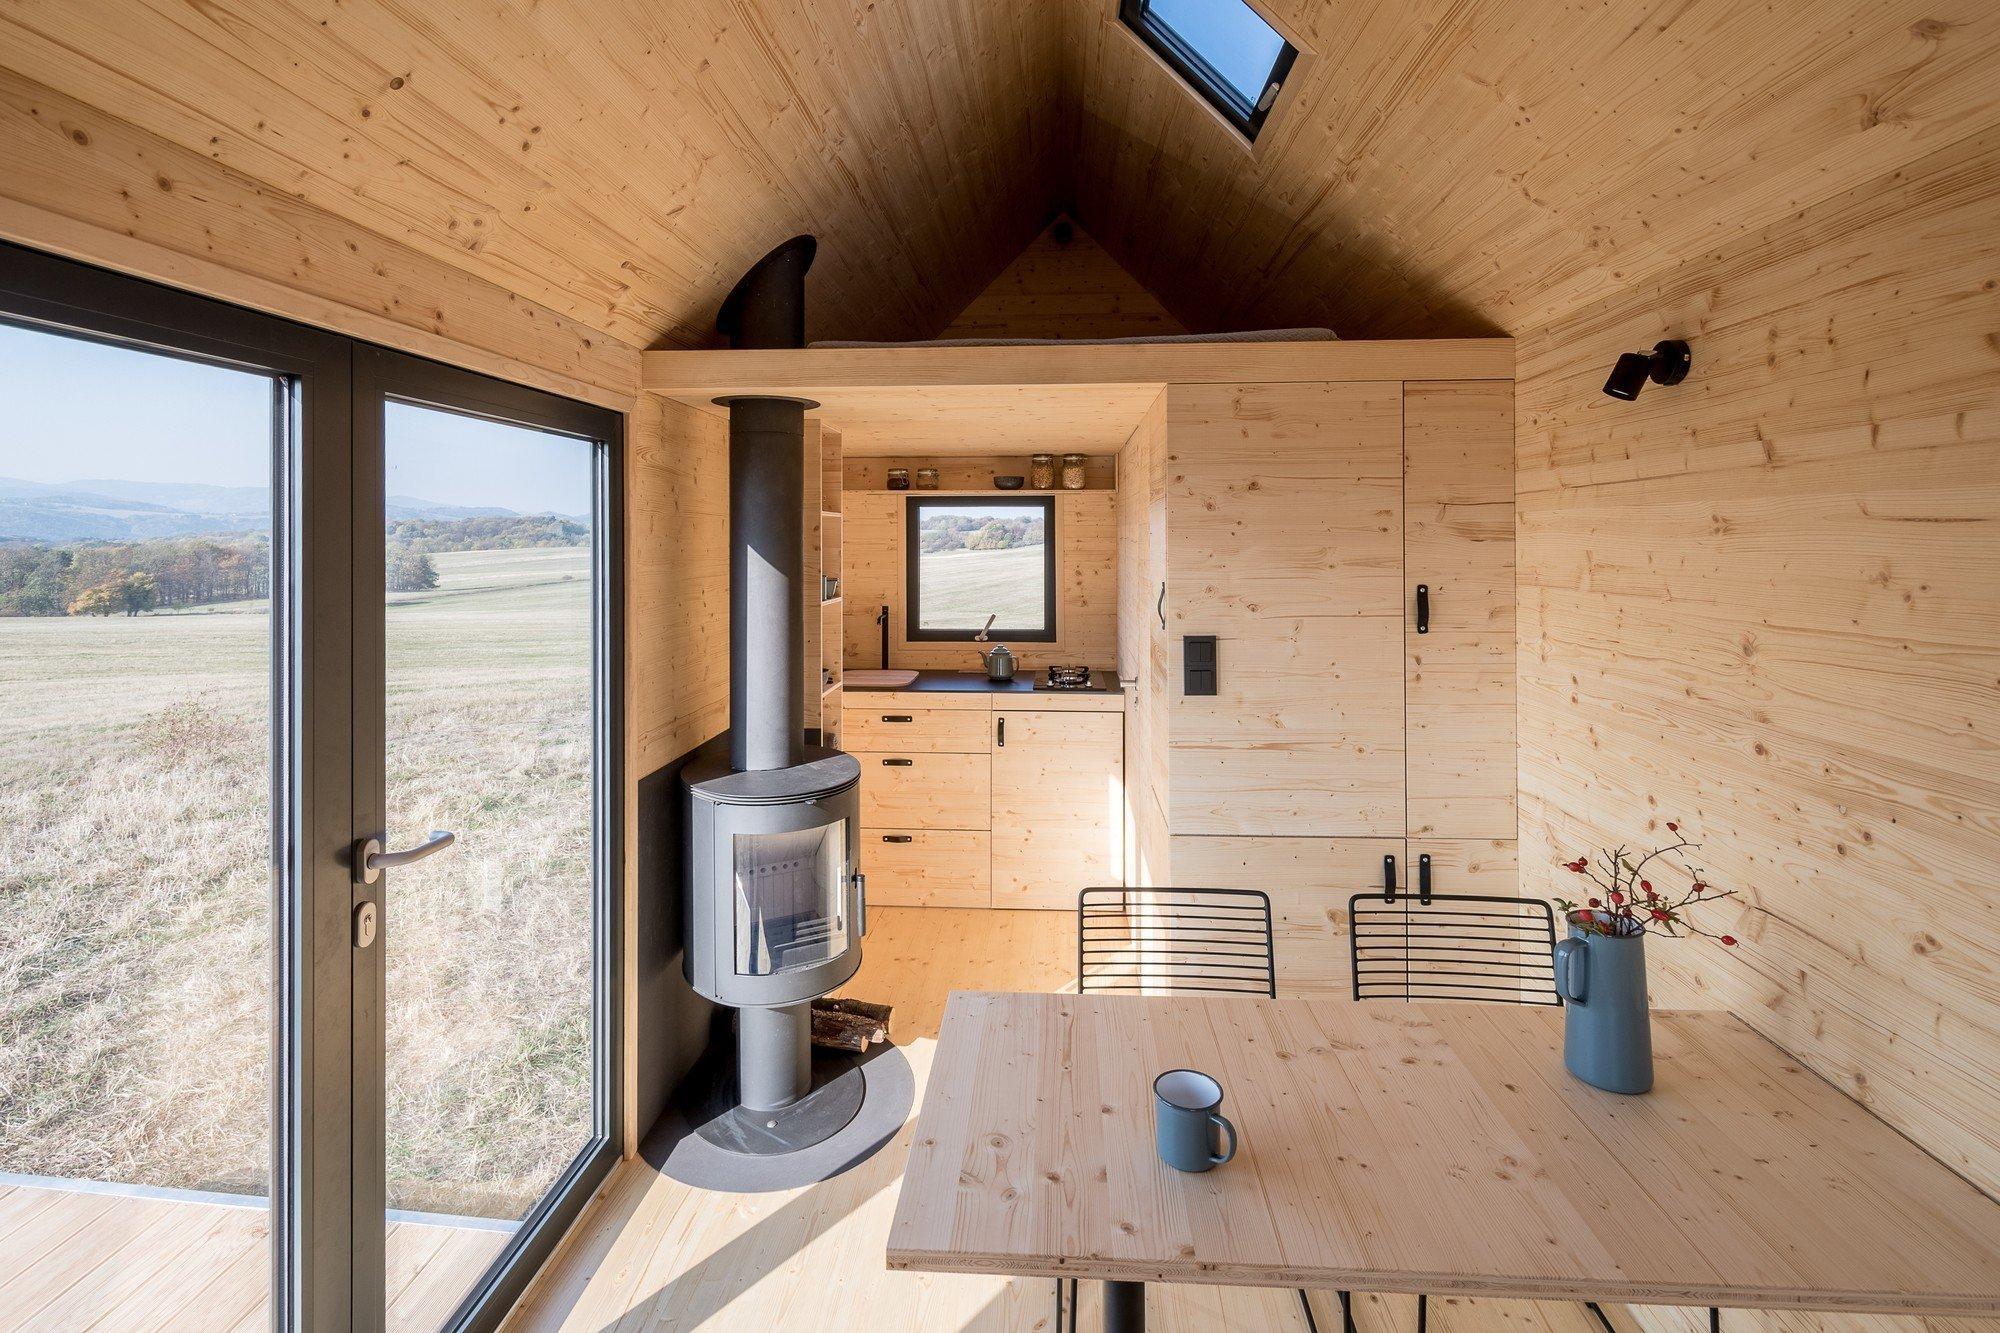 """Ne každý chce svůj život trávit na jednom místě. Právě pro takové osoby je ideální bydlení """"na kolečkách"""". Takovýto dům majiteli poskytuje komfort klasického bydlení v domě, který je plně mobilní a nepoutá jej k jednomu pozemku. Stejným případem je i Mobile Hut, projekt od českých architektů."""